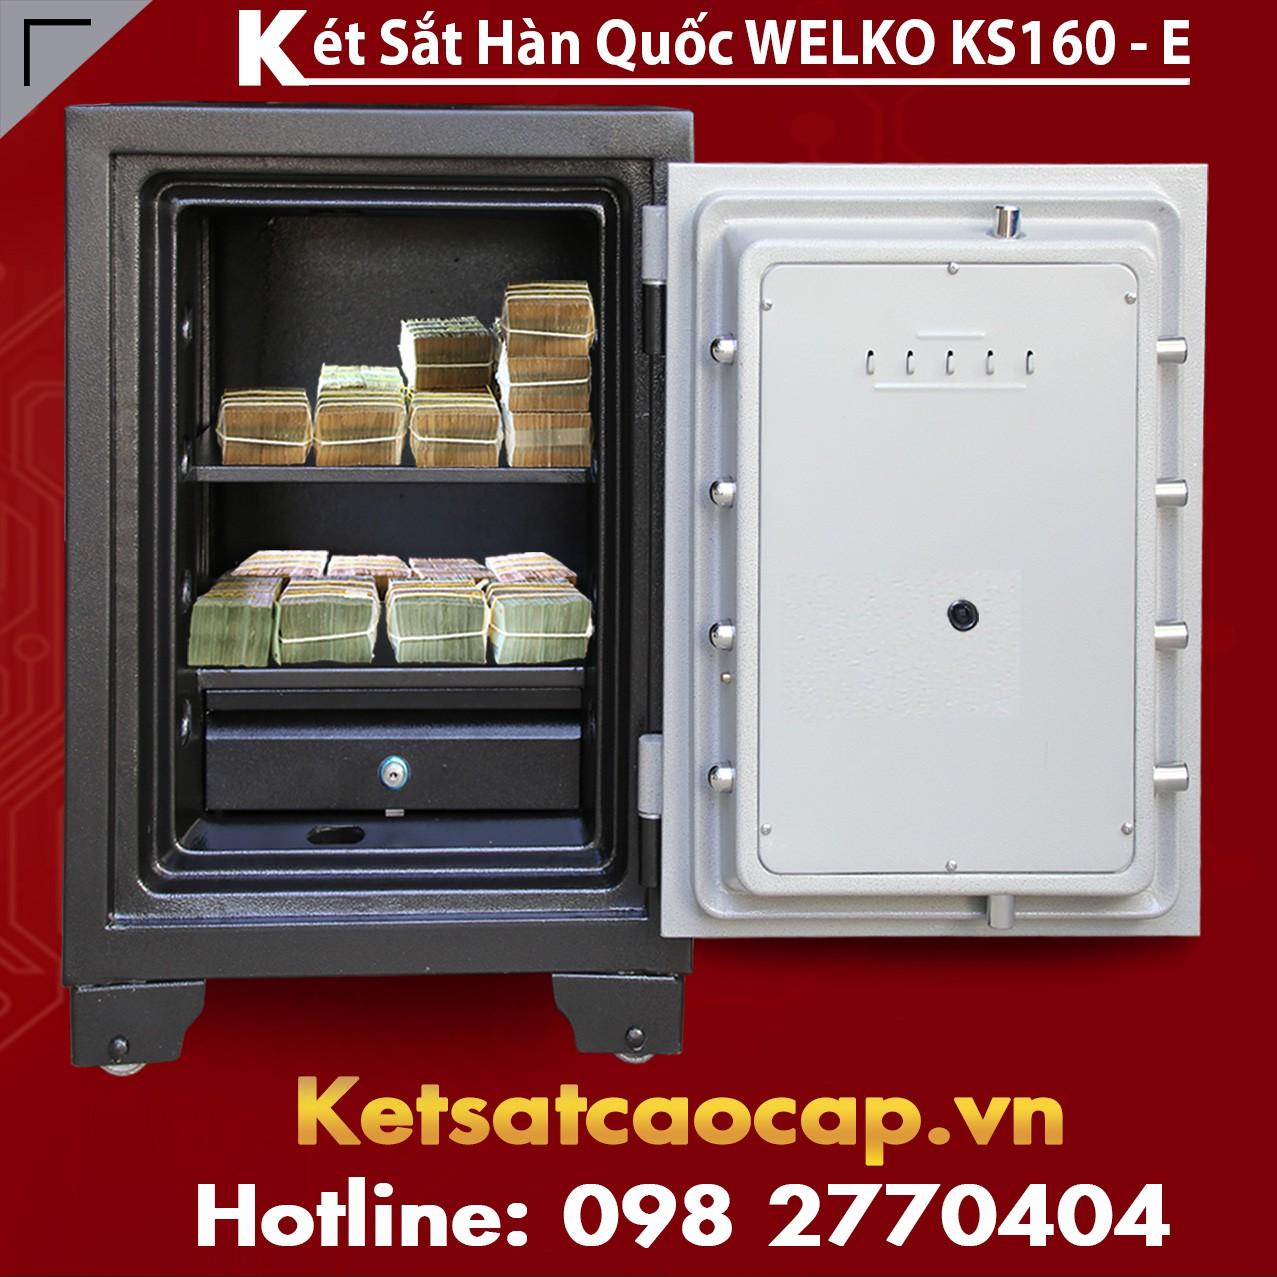 cửa hàng bán Két sắt đựng hồ sơ welkosafe giá rẻ ở tphcm